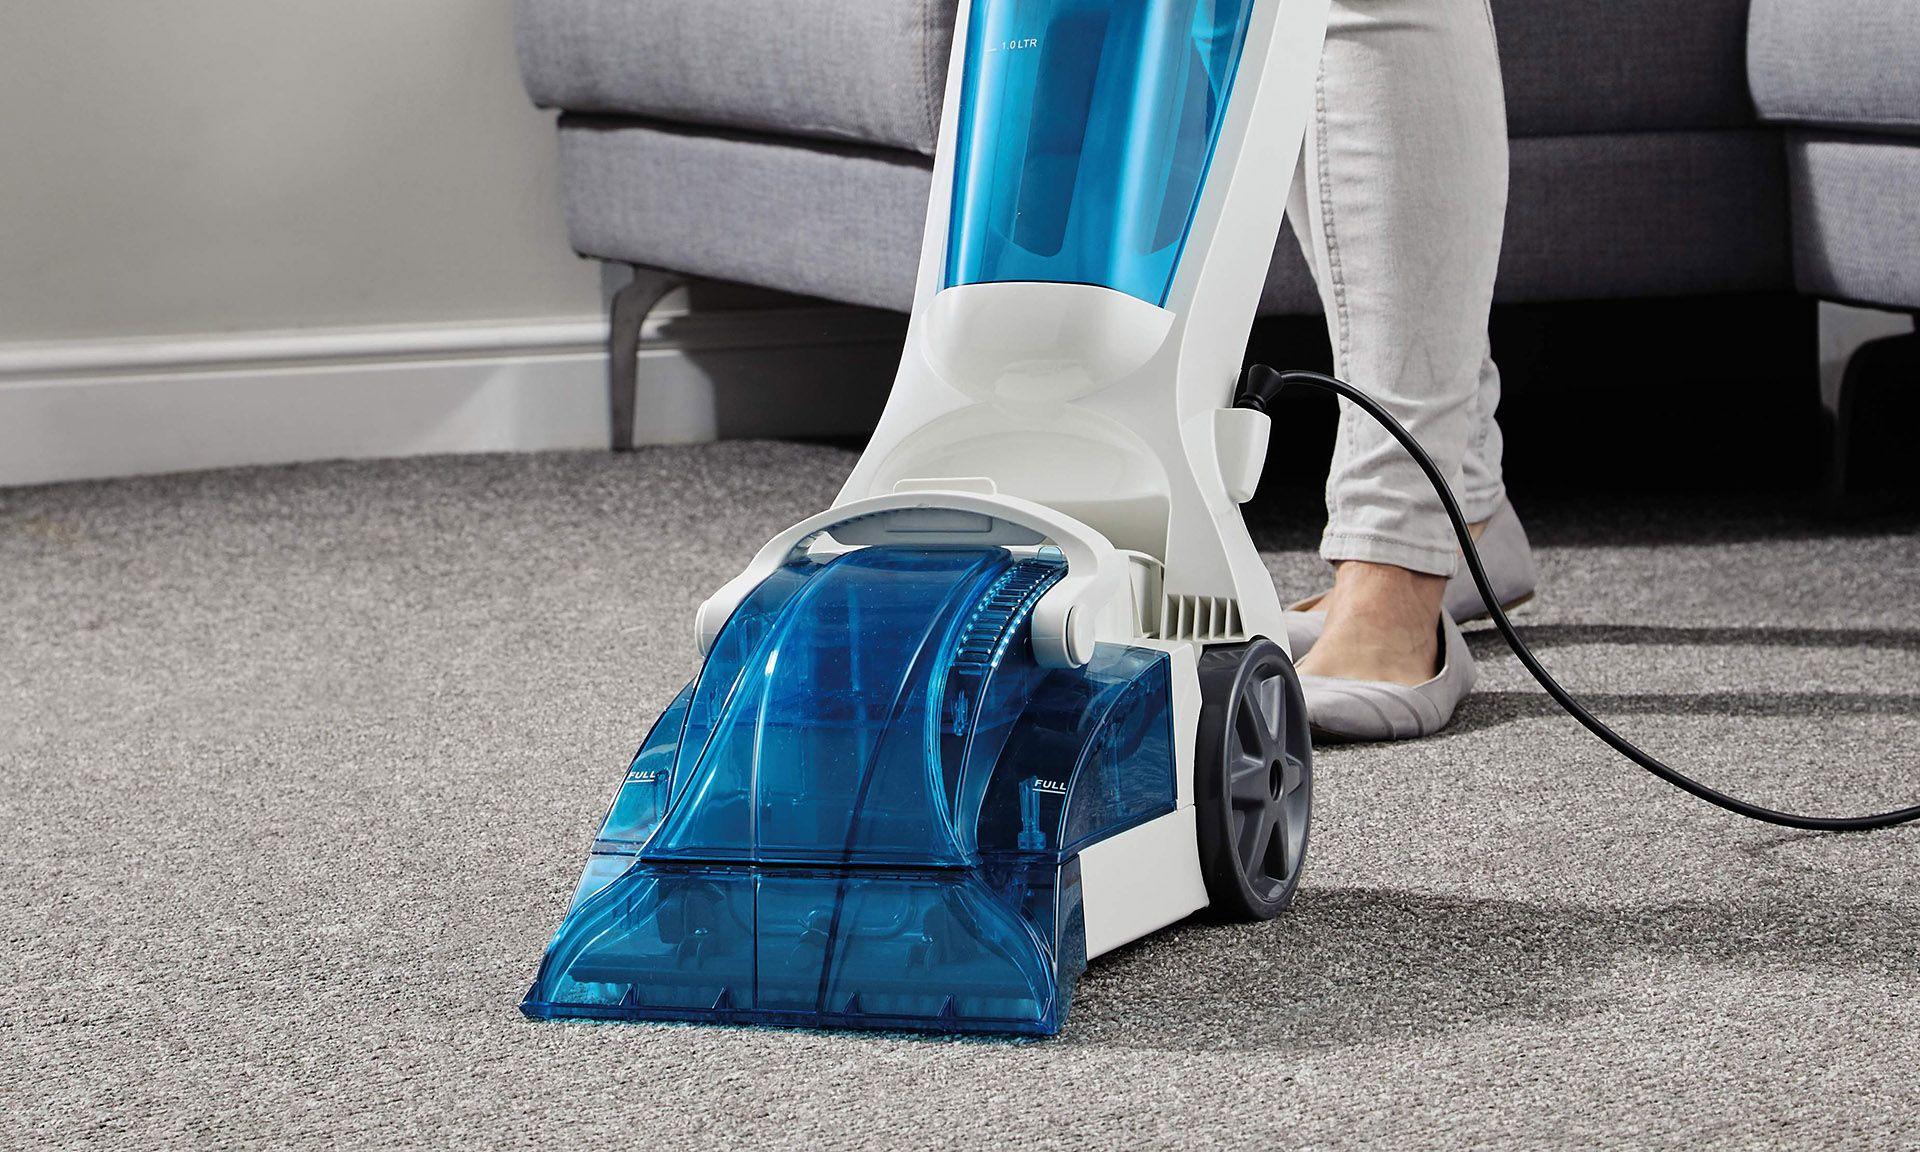 Perfect Aldi Carpet Cleaner Vacuum Reviews And Review In 2020 Vacuum Cleaner Carpet Cleaner Vacuum Vacuum Reviews